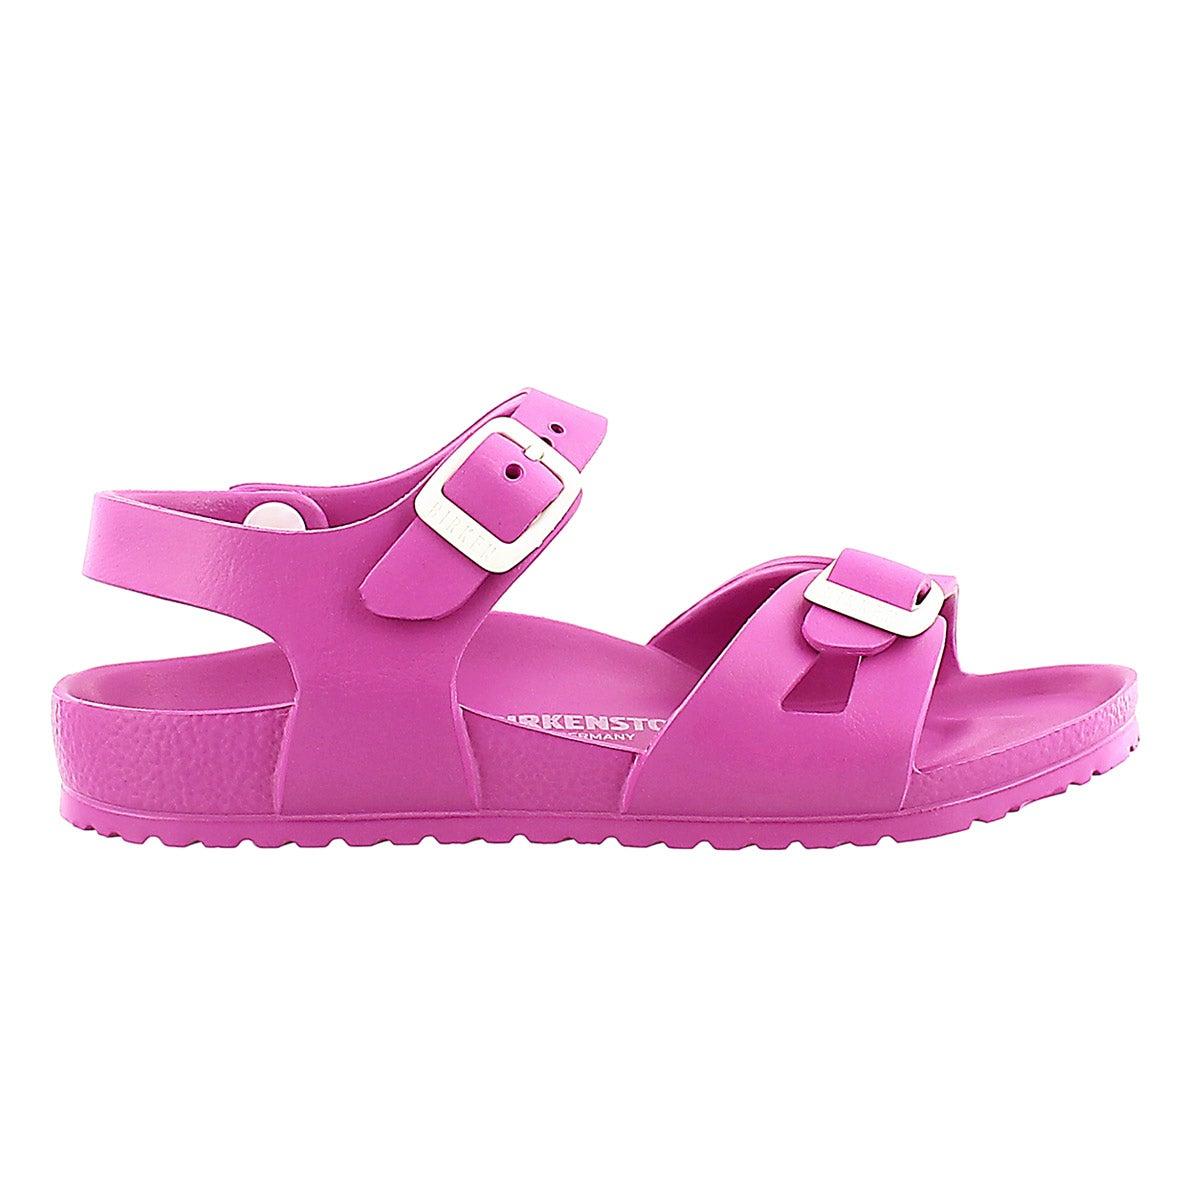 Grls Rio pink 2 strap sandal - Narrow